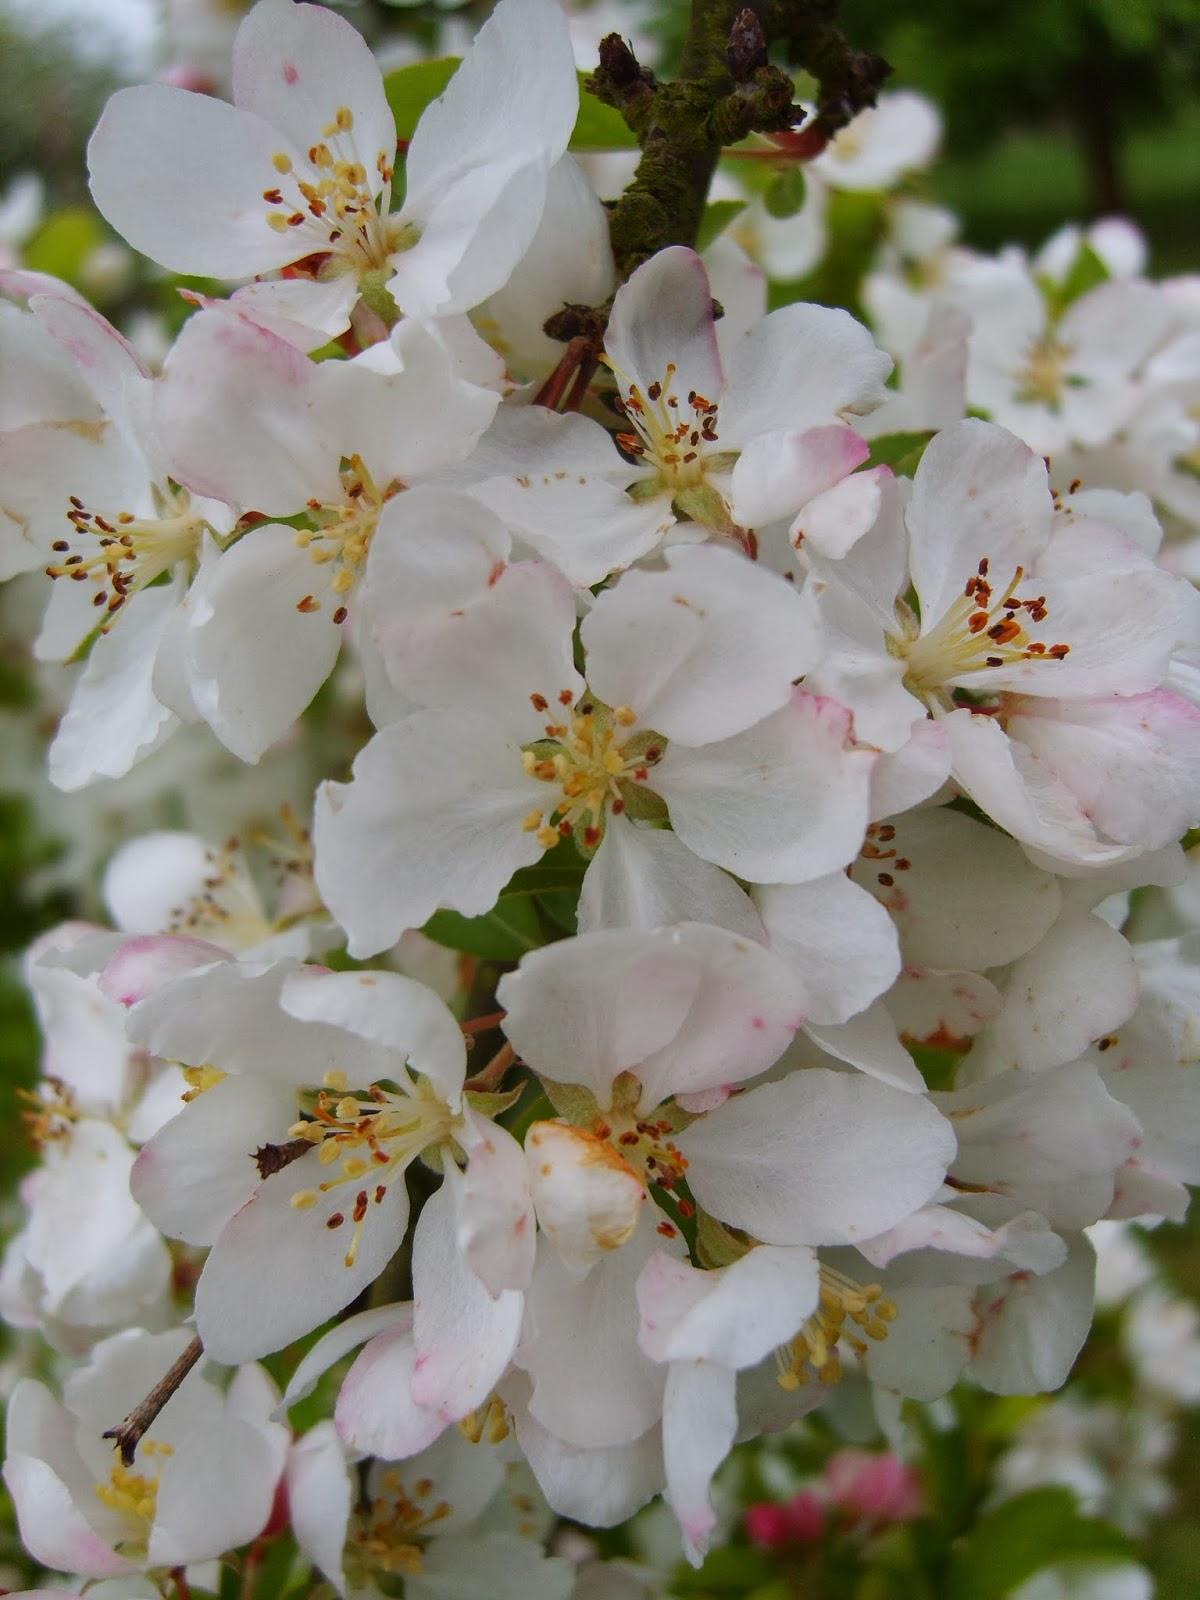 Stunning Apple Malus 'Adirondack' Blossoms at RHS Wisley Gardens. Mercurelli's Garden Design